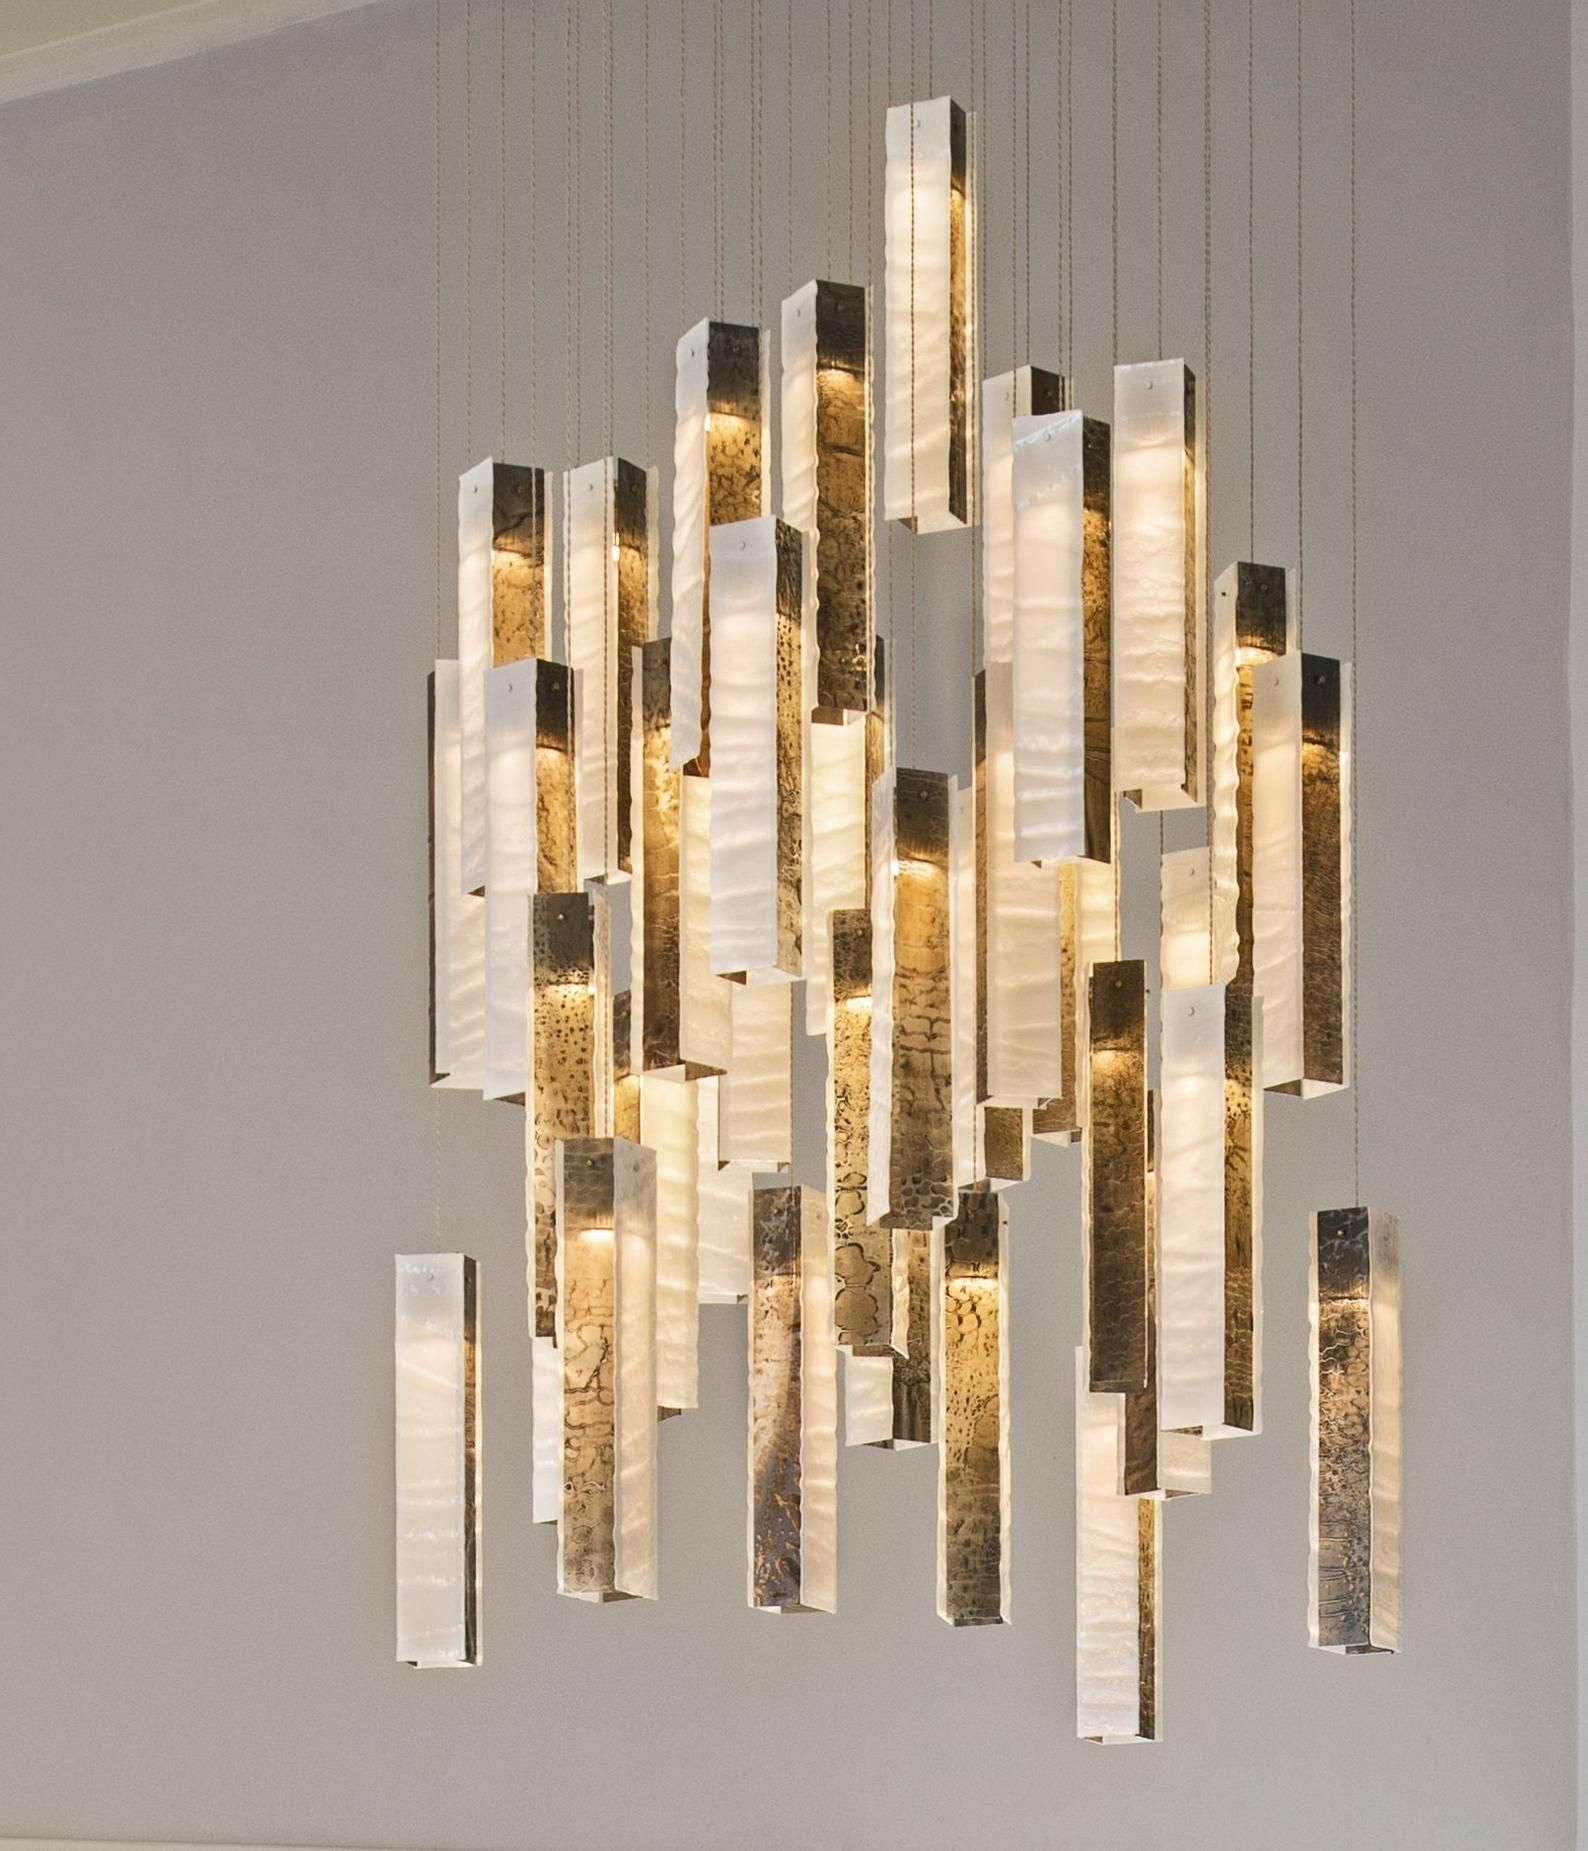 Large Modern Chandelier Lighting Art Glass Foyer Decor Large Etsy In 2021 Modern Lighting Chandeliers Modern Chandelier Chandelier Lighting